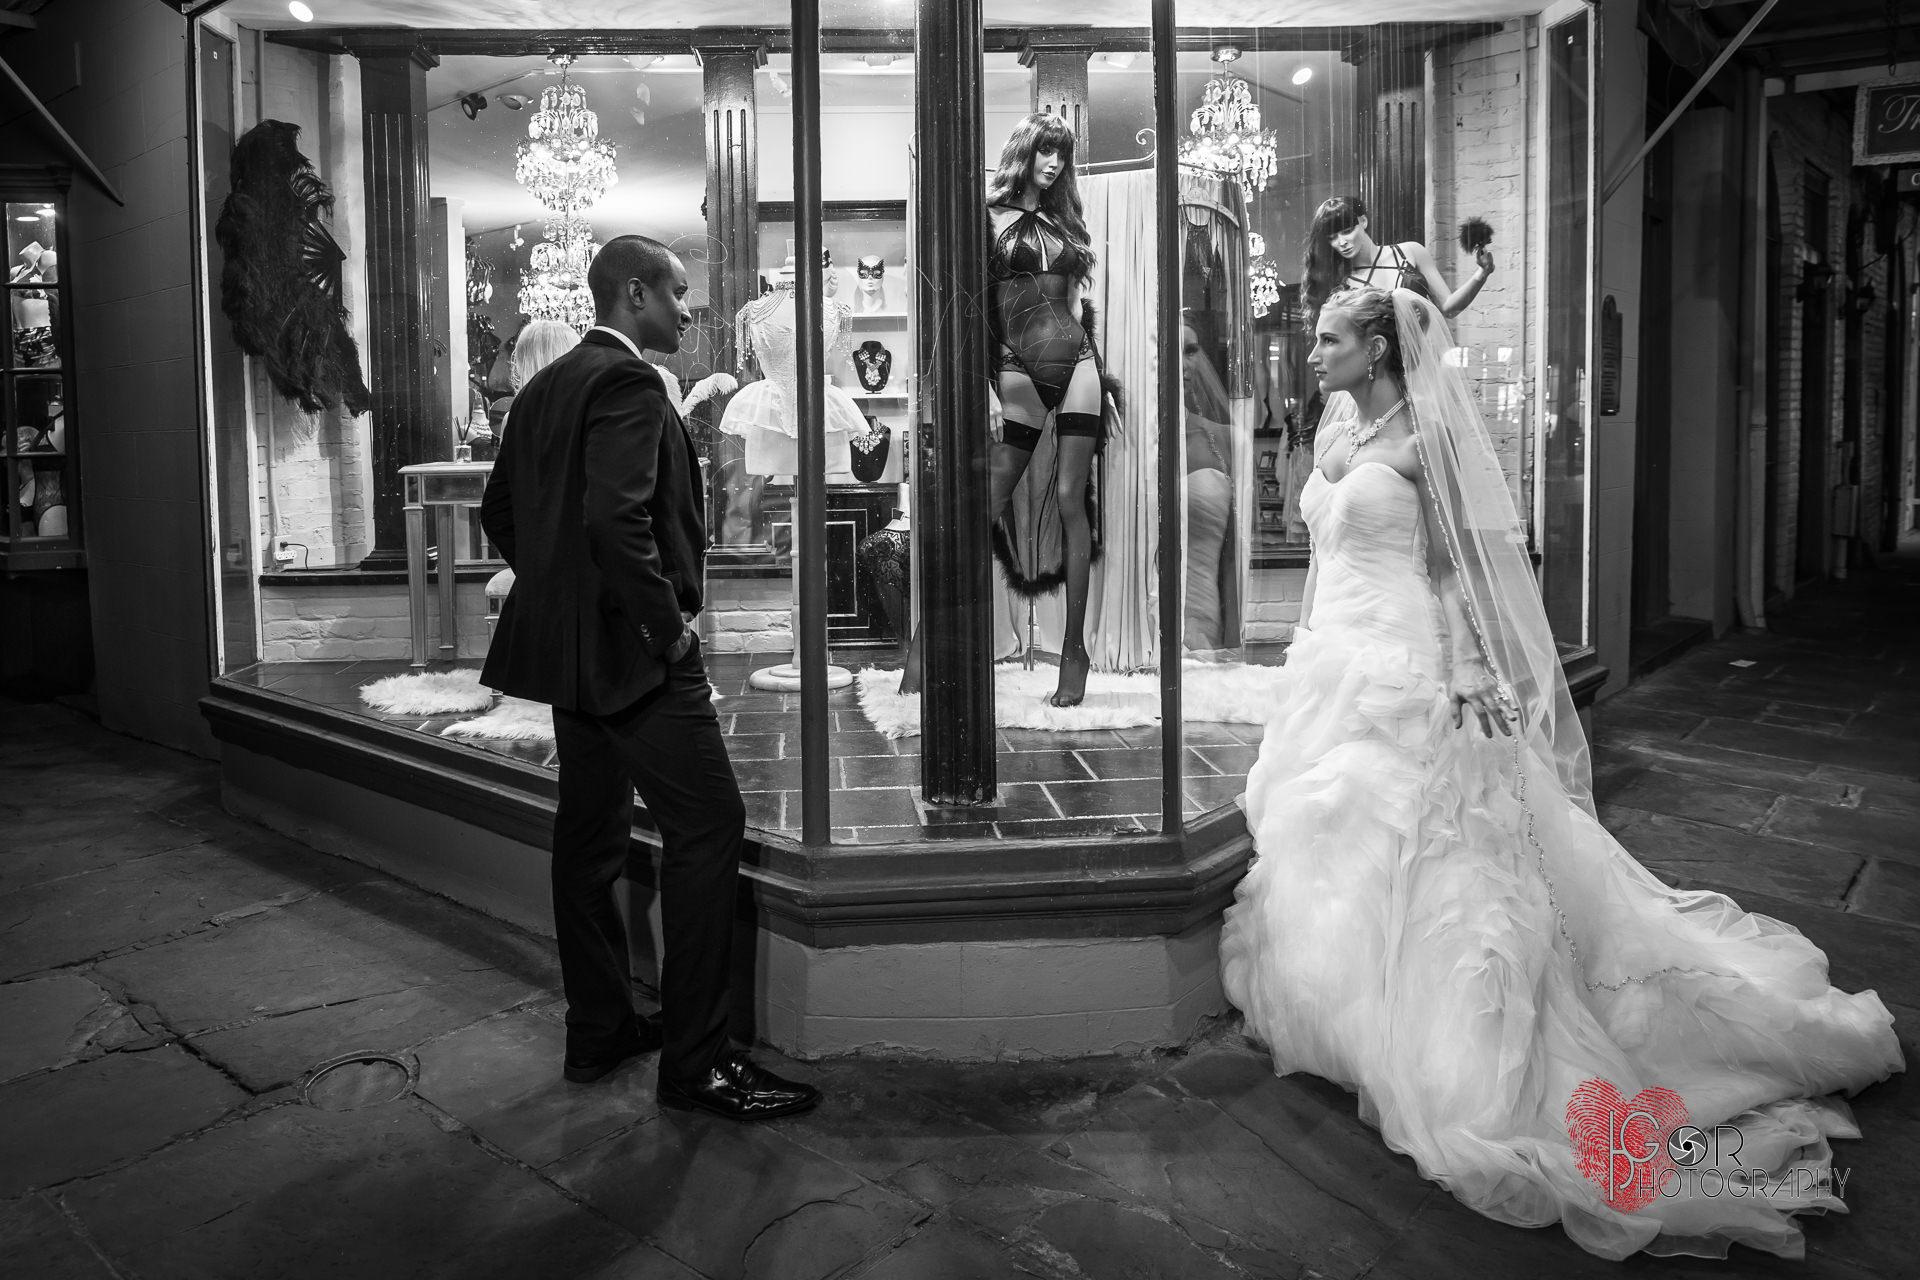 Wedding night in Nola